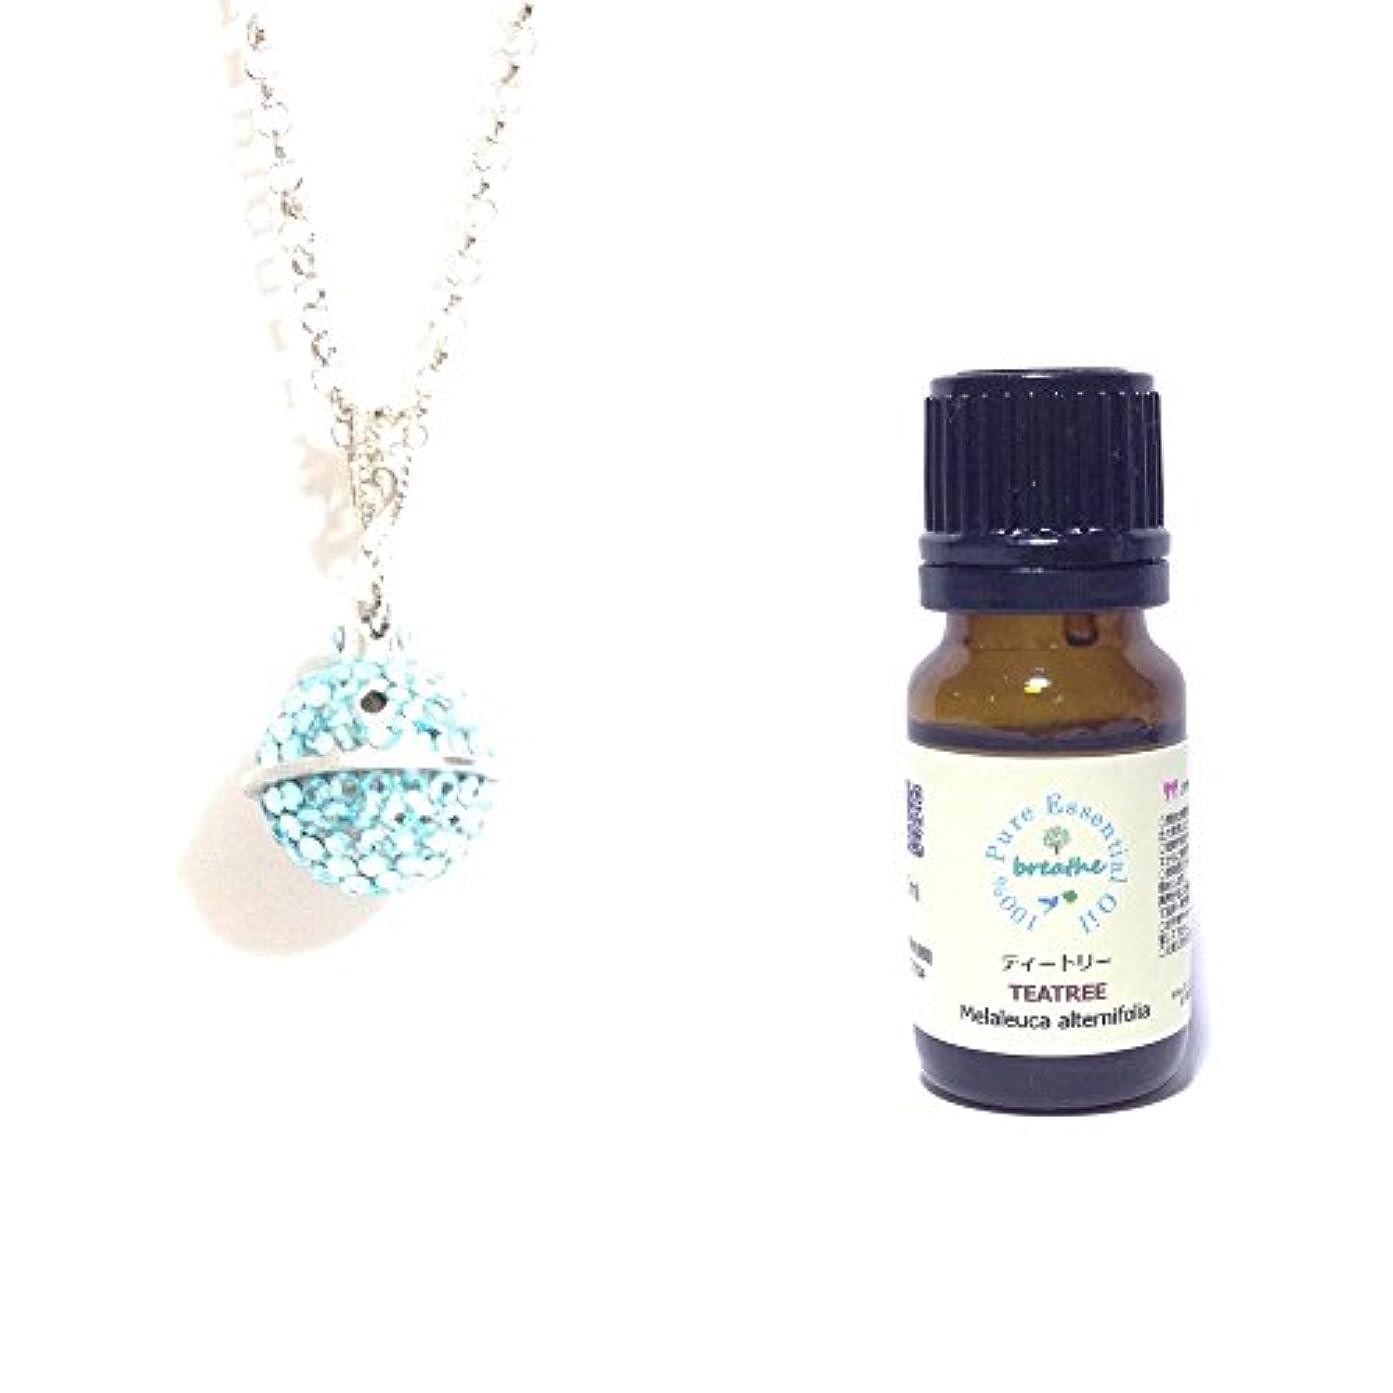 真似るランドマーク郊外aroma bijouxアロマペンダント土星 3月誕生石カラー アクアマリン+breathe精油ティートリー10ml 香りのギフトセットl